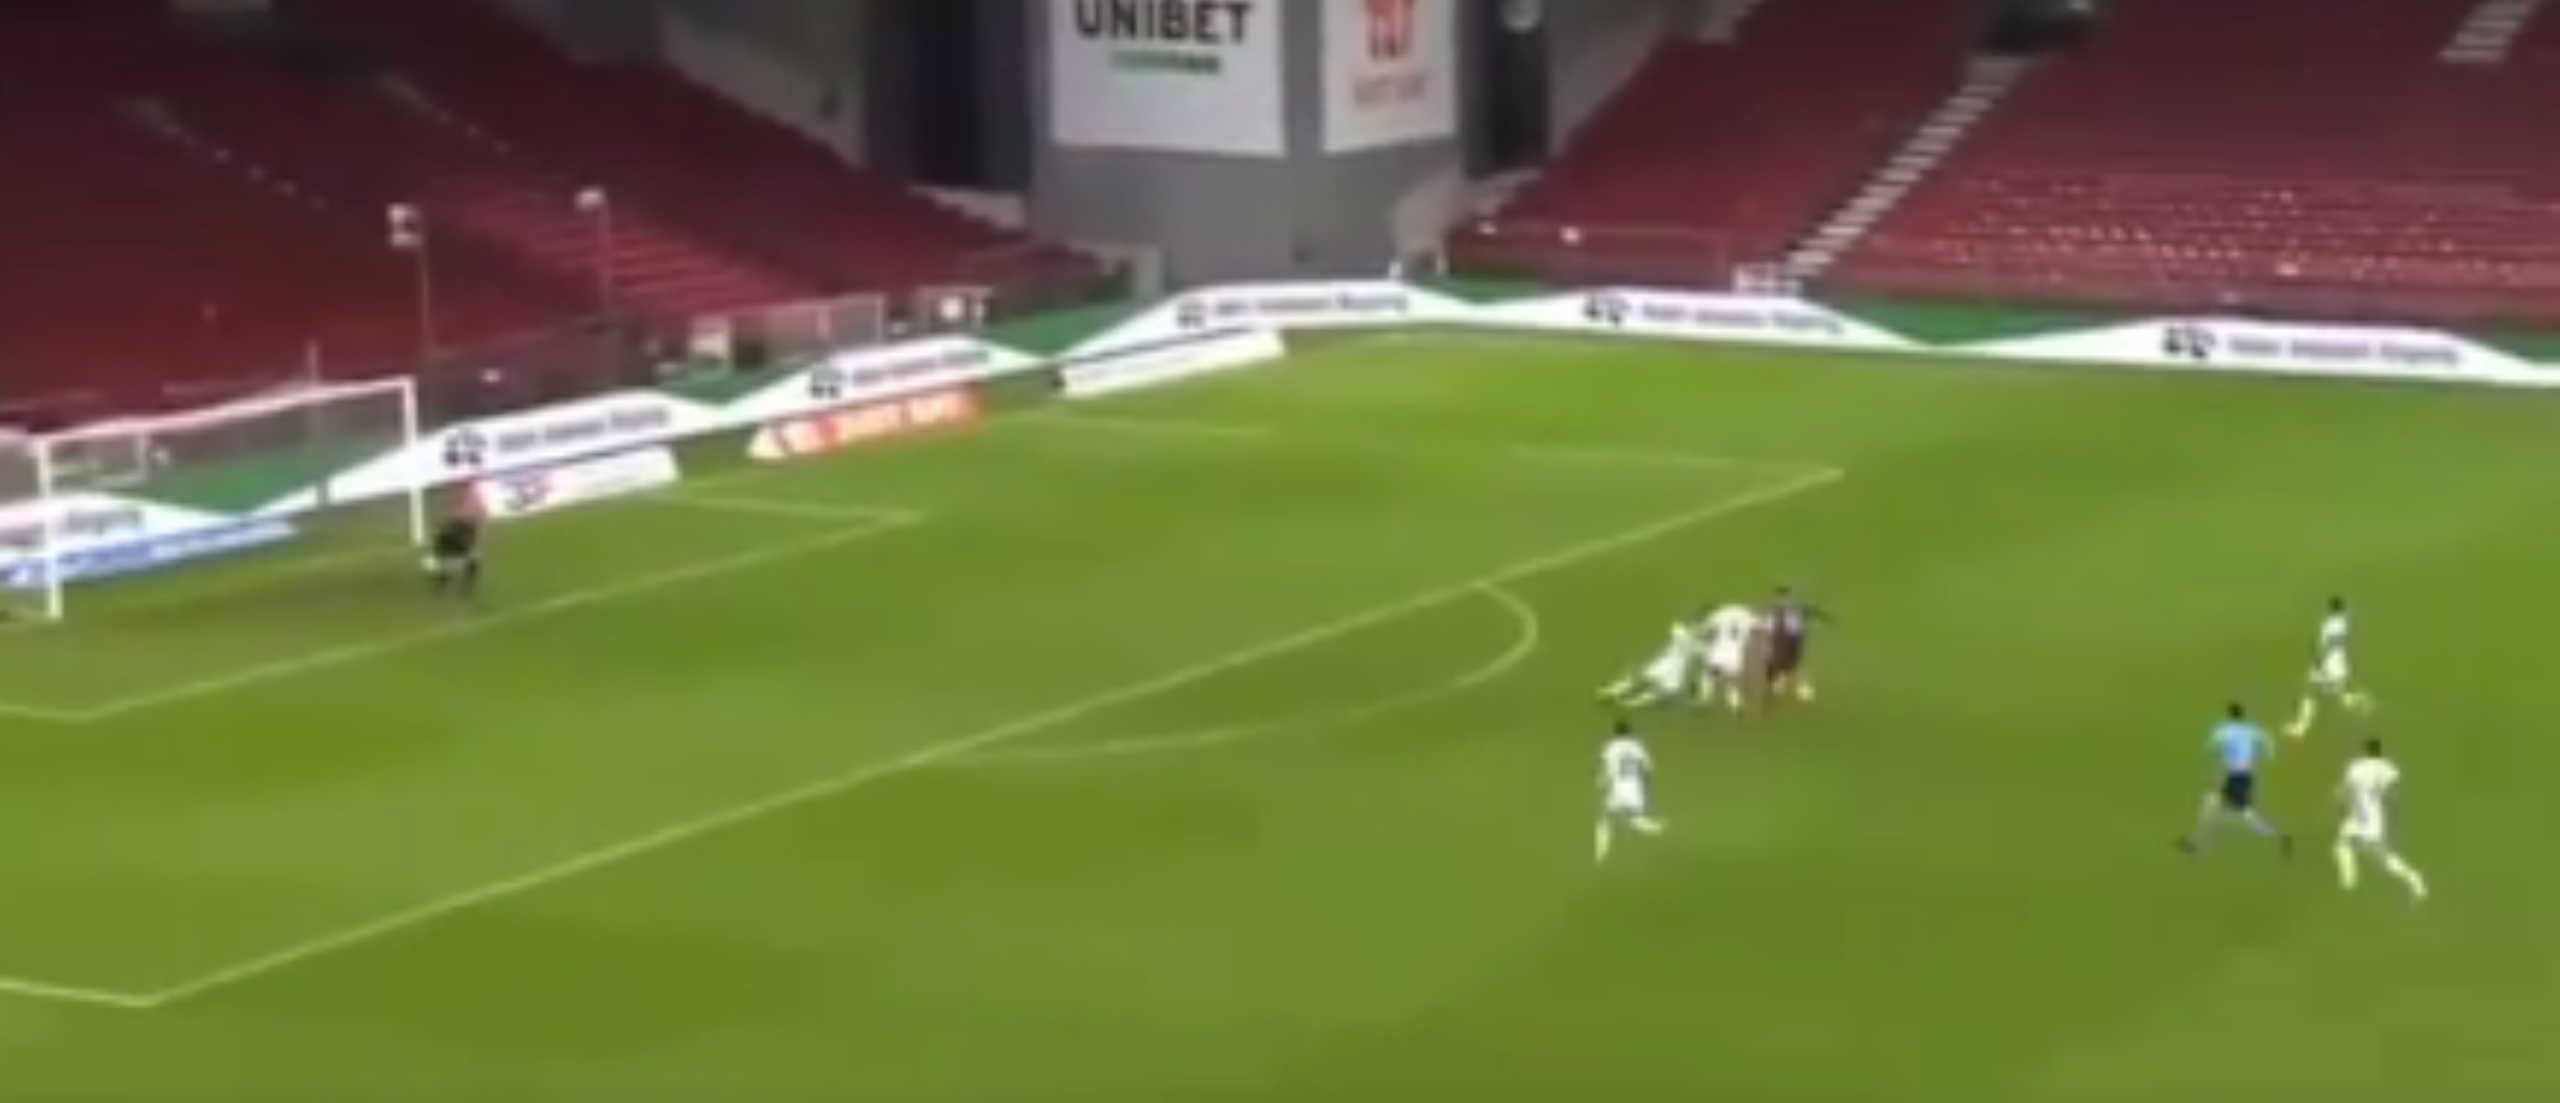 Το αυτογκόλ του… αιώνα σε ματς του Europa League (video)